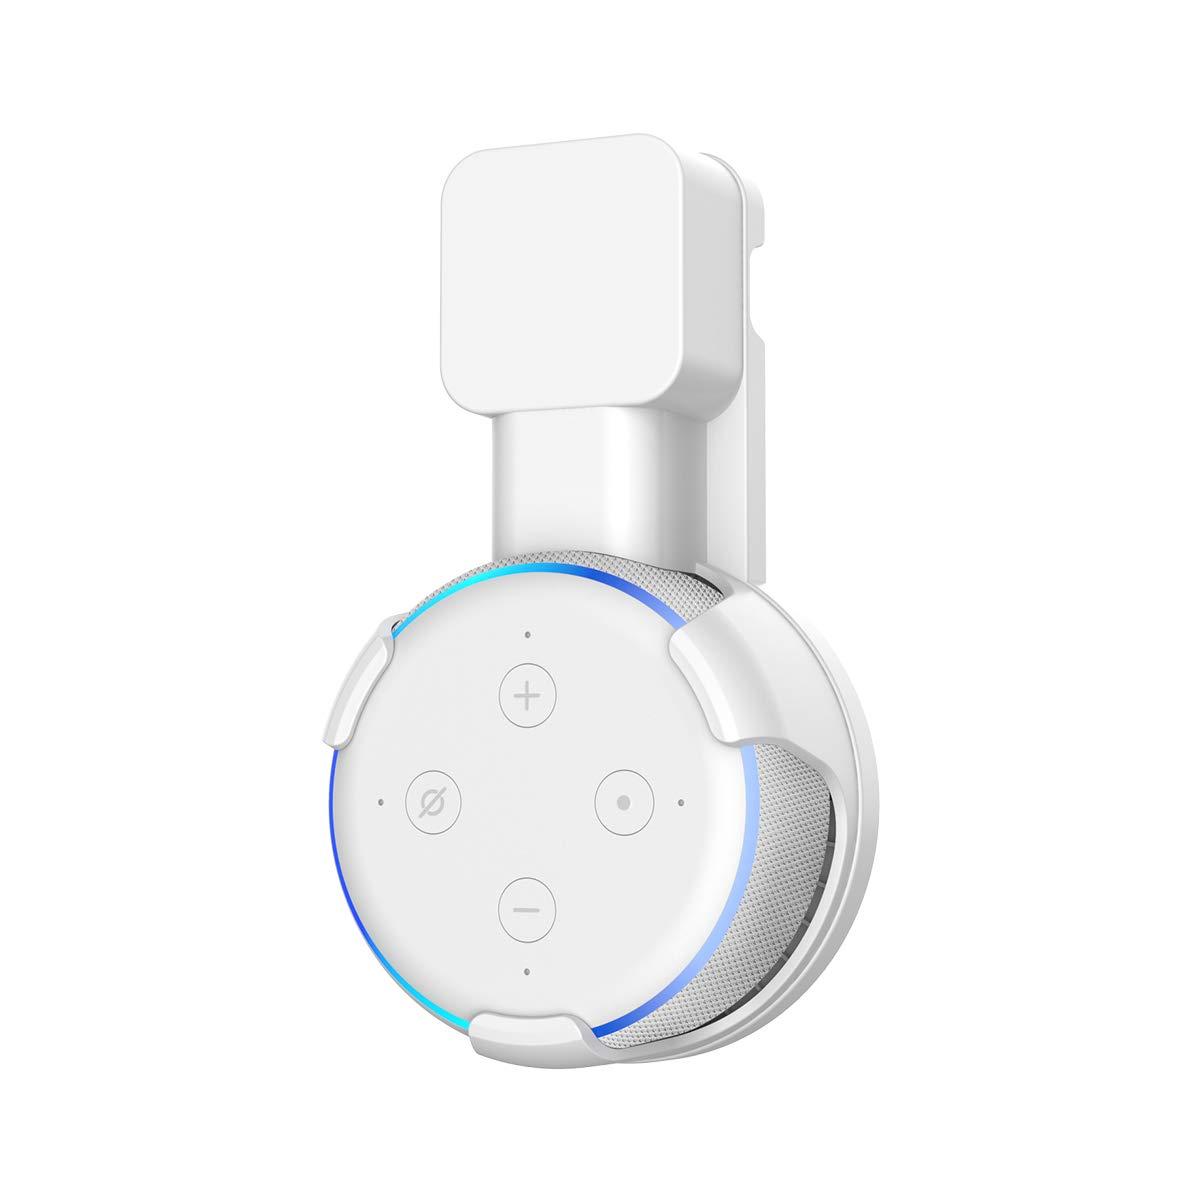 Soporte para Dot (3.ª generación) Wigoo, gestión de Cables incorporada sin